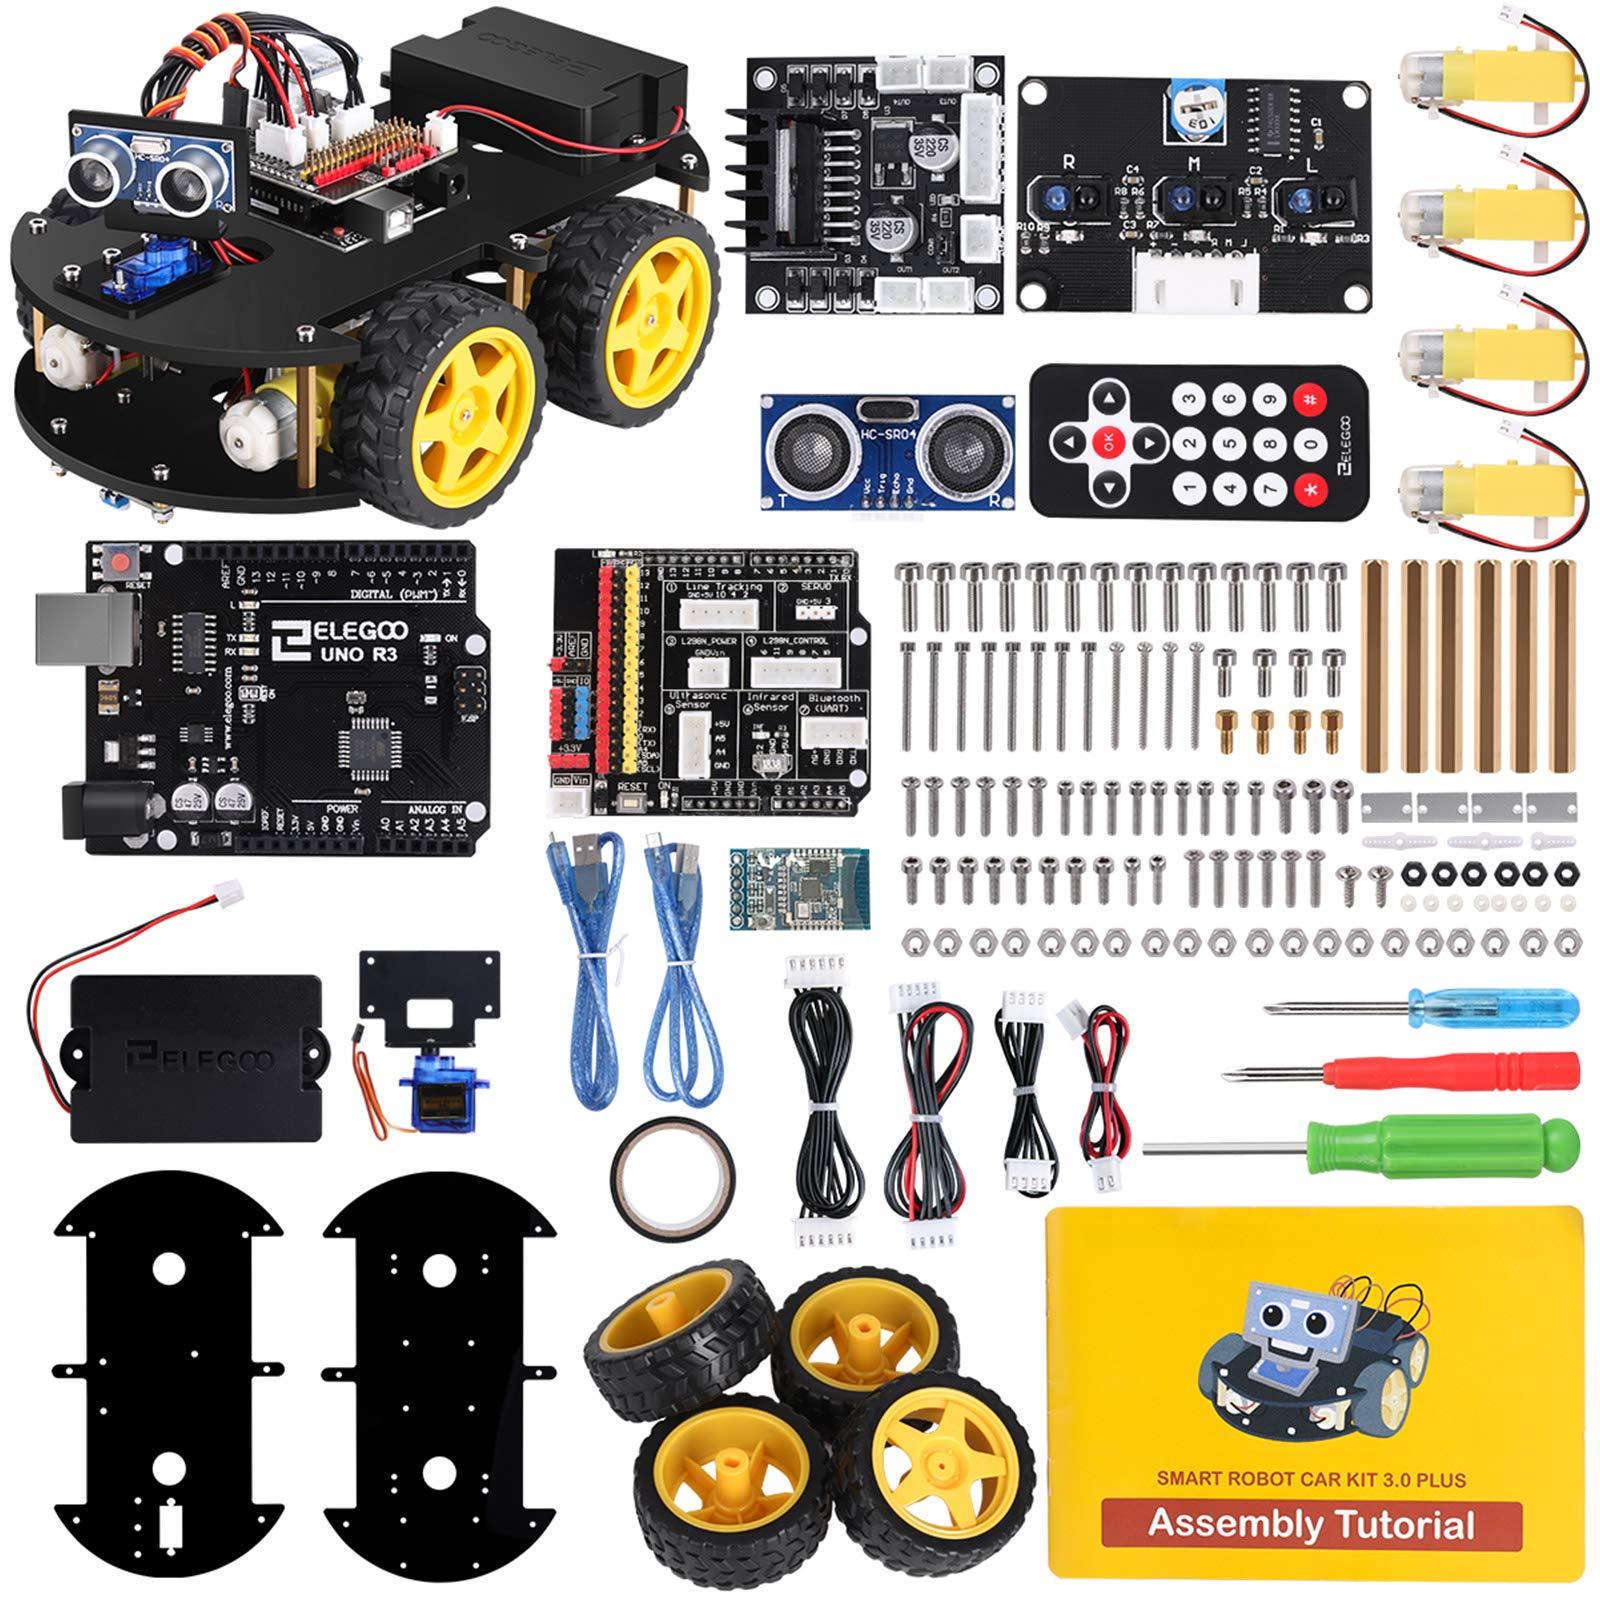 Robot Educativo para armar y programar en Arduino ELEGOO h